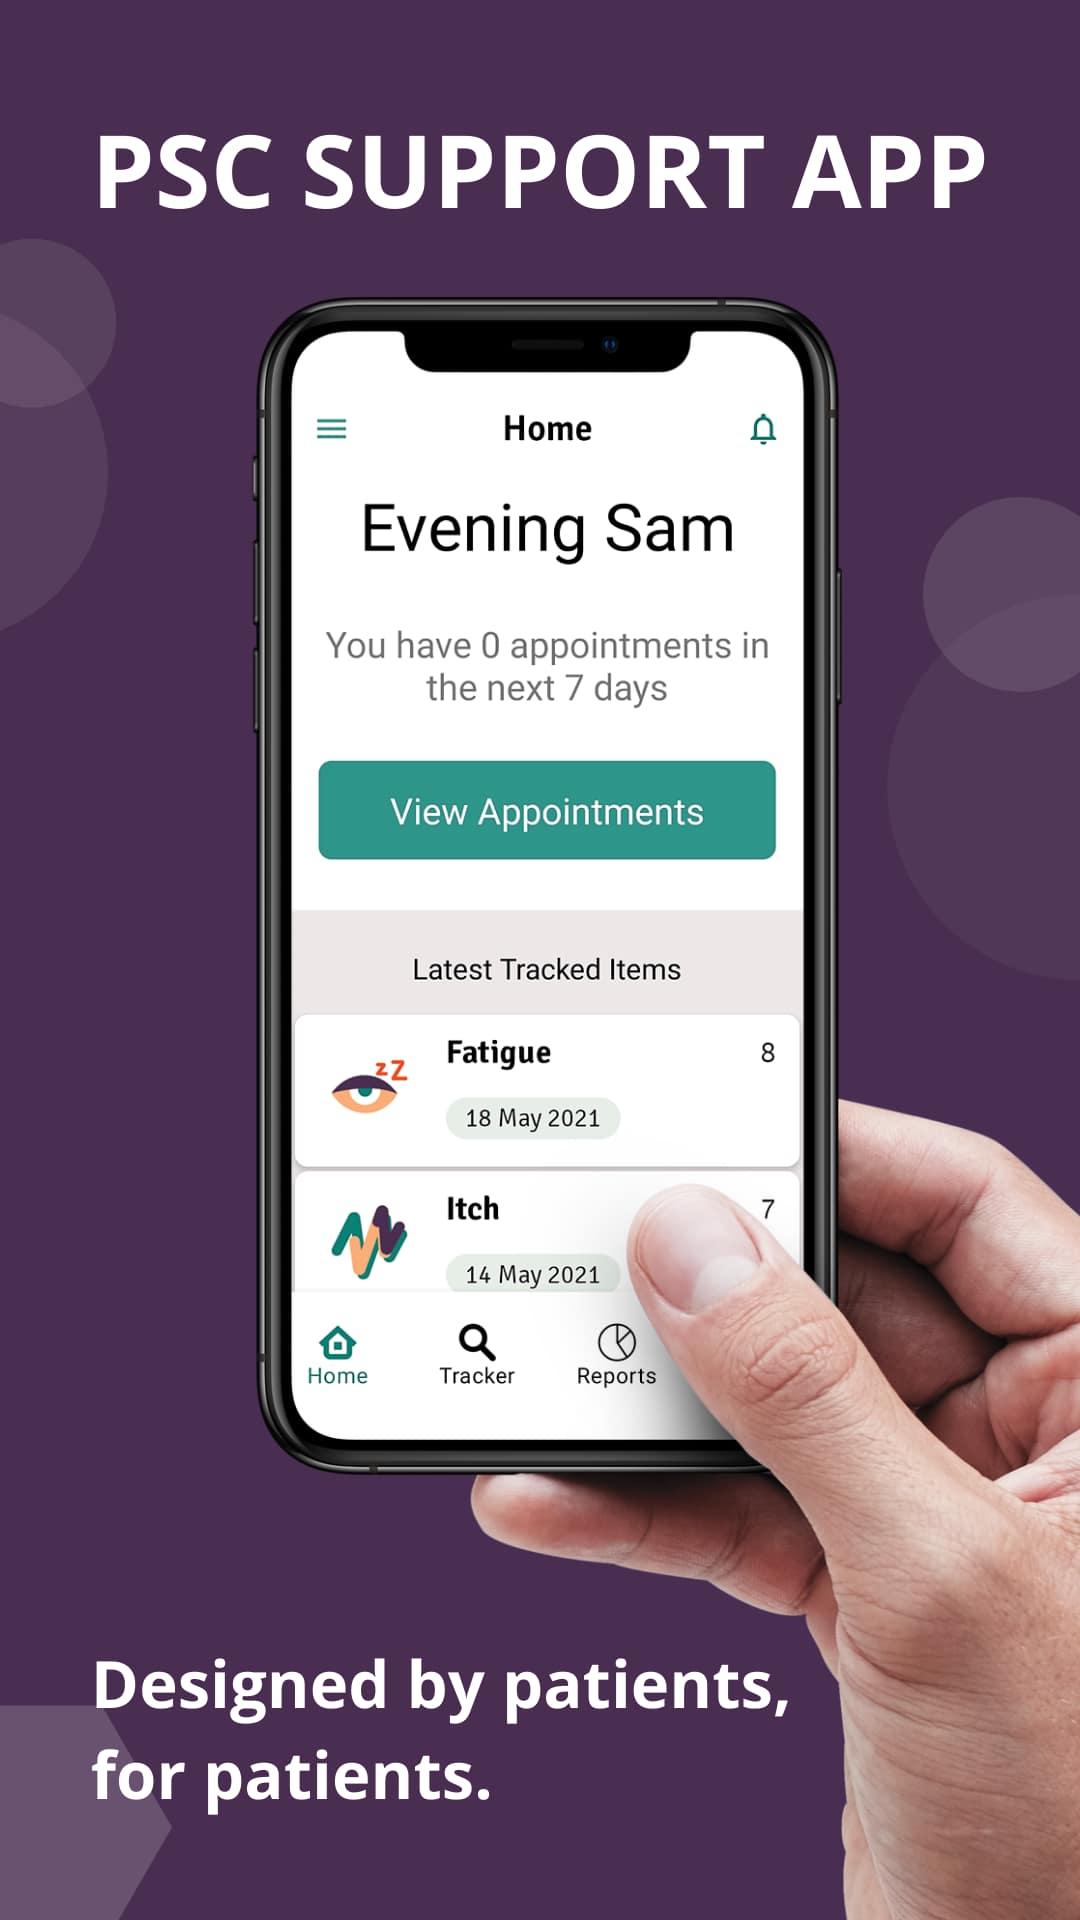 App for PSC patients